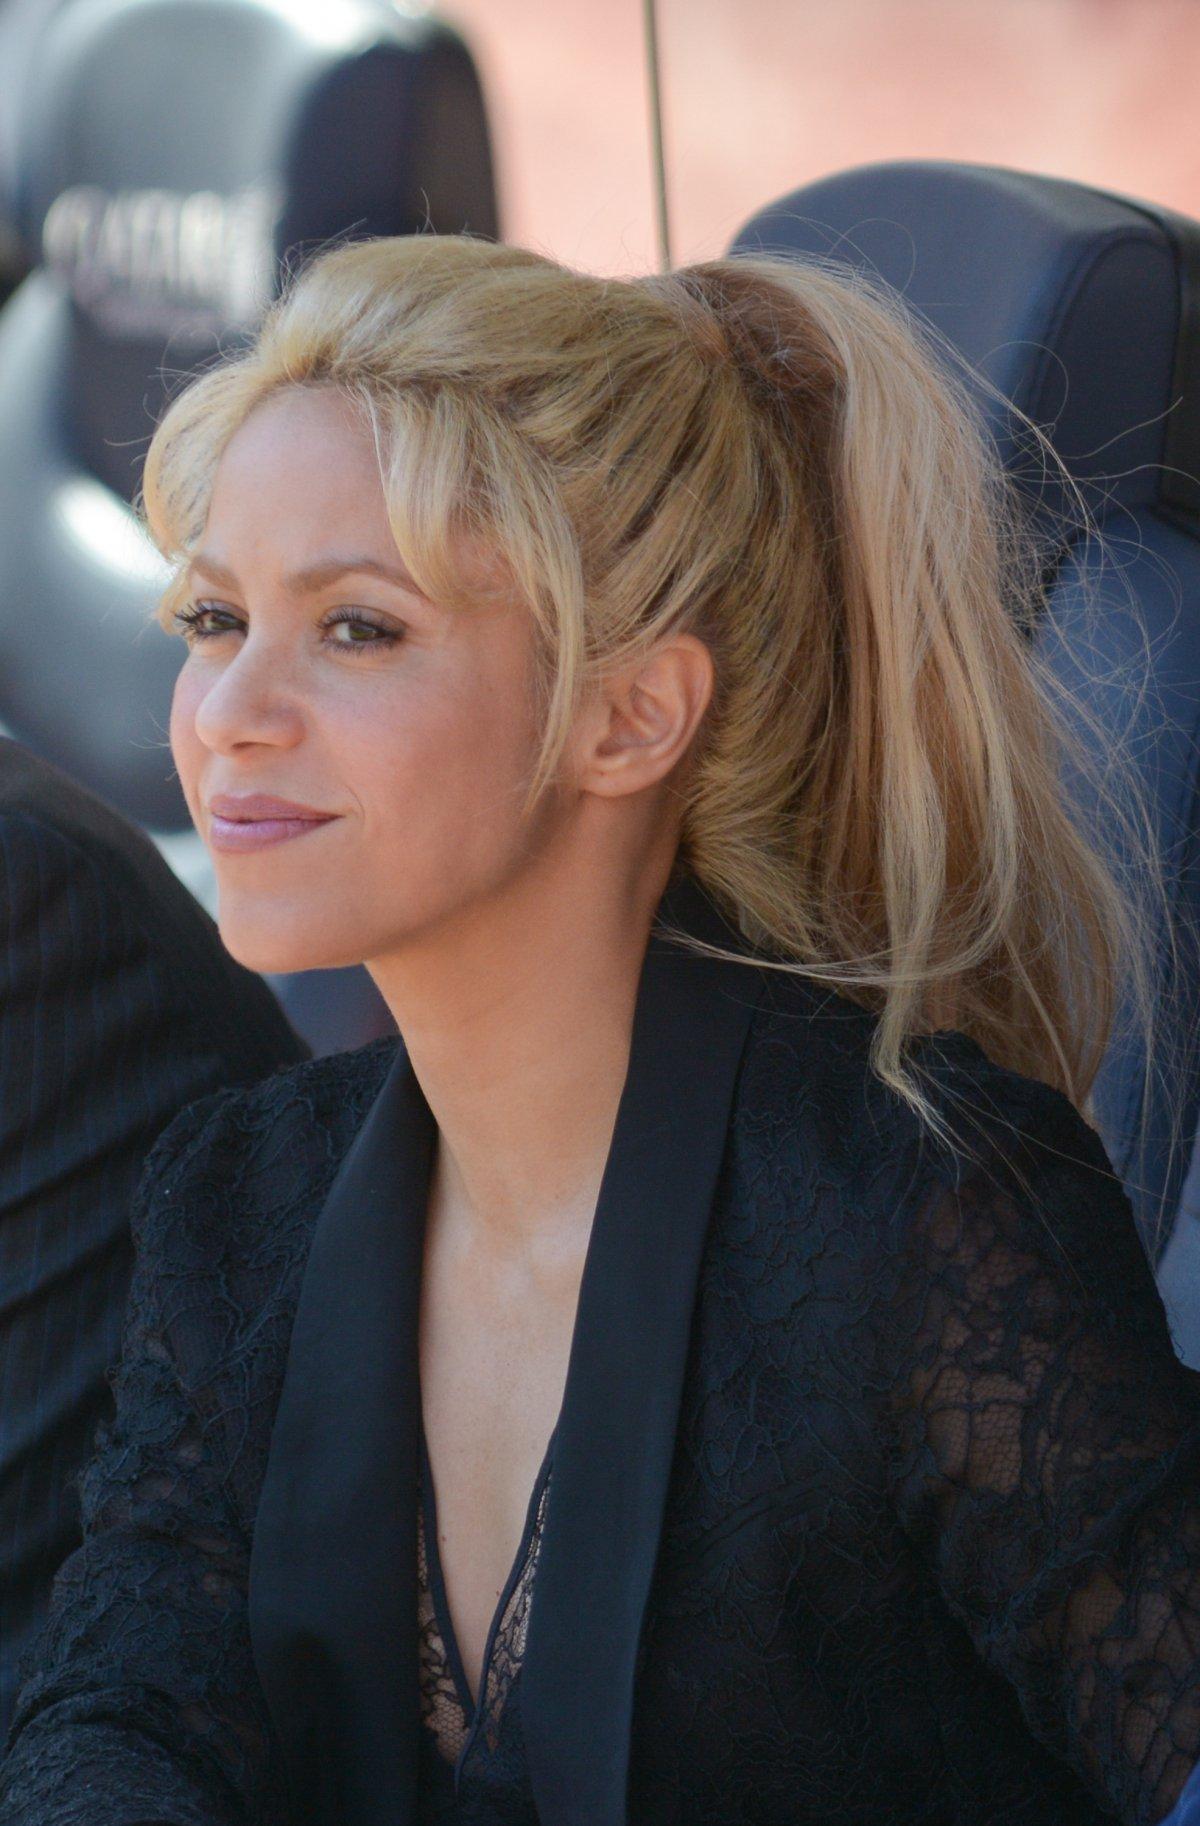 El terrible atuendo de Shakira que sus fans critícan en instagram